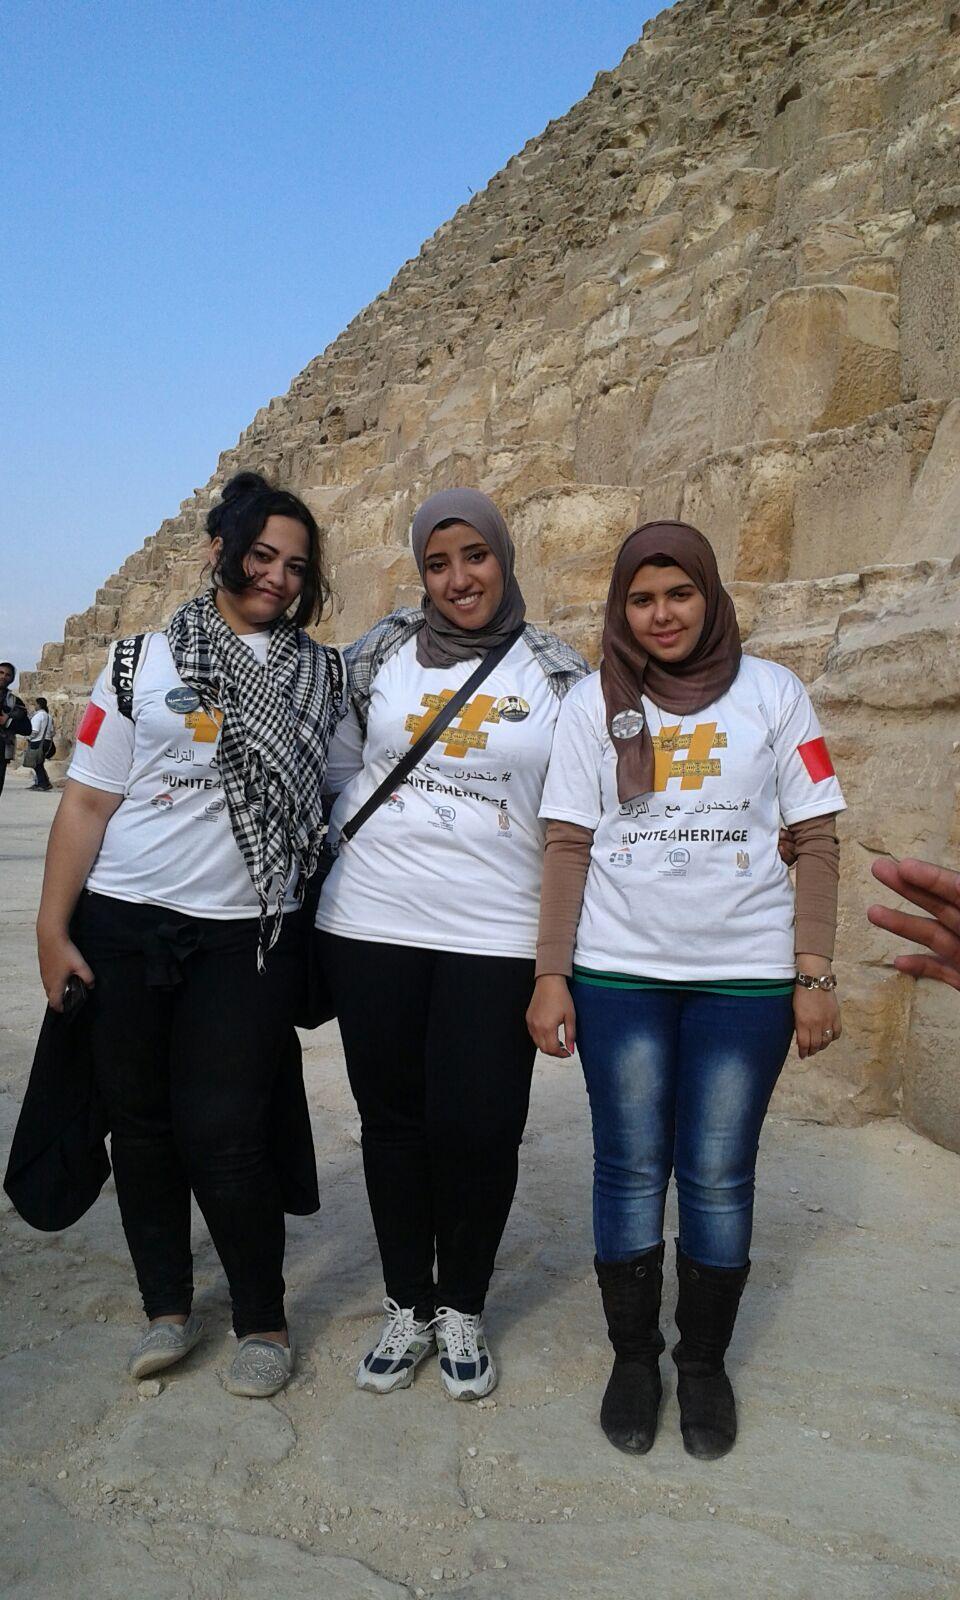 #متحدون_مع_التراث في الأهرامات.. وحضور ليلى علوي وعبدالرحمن أبو زهرة